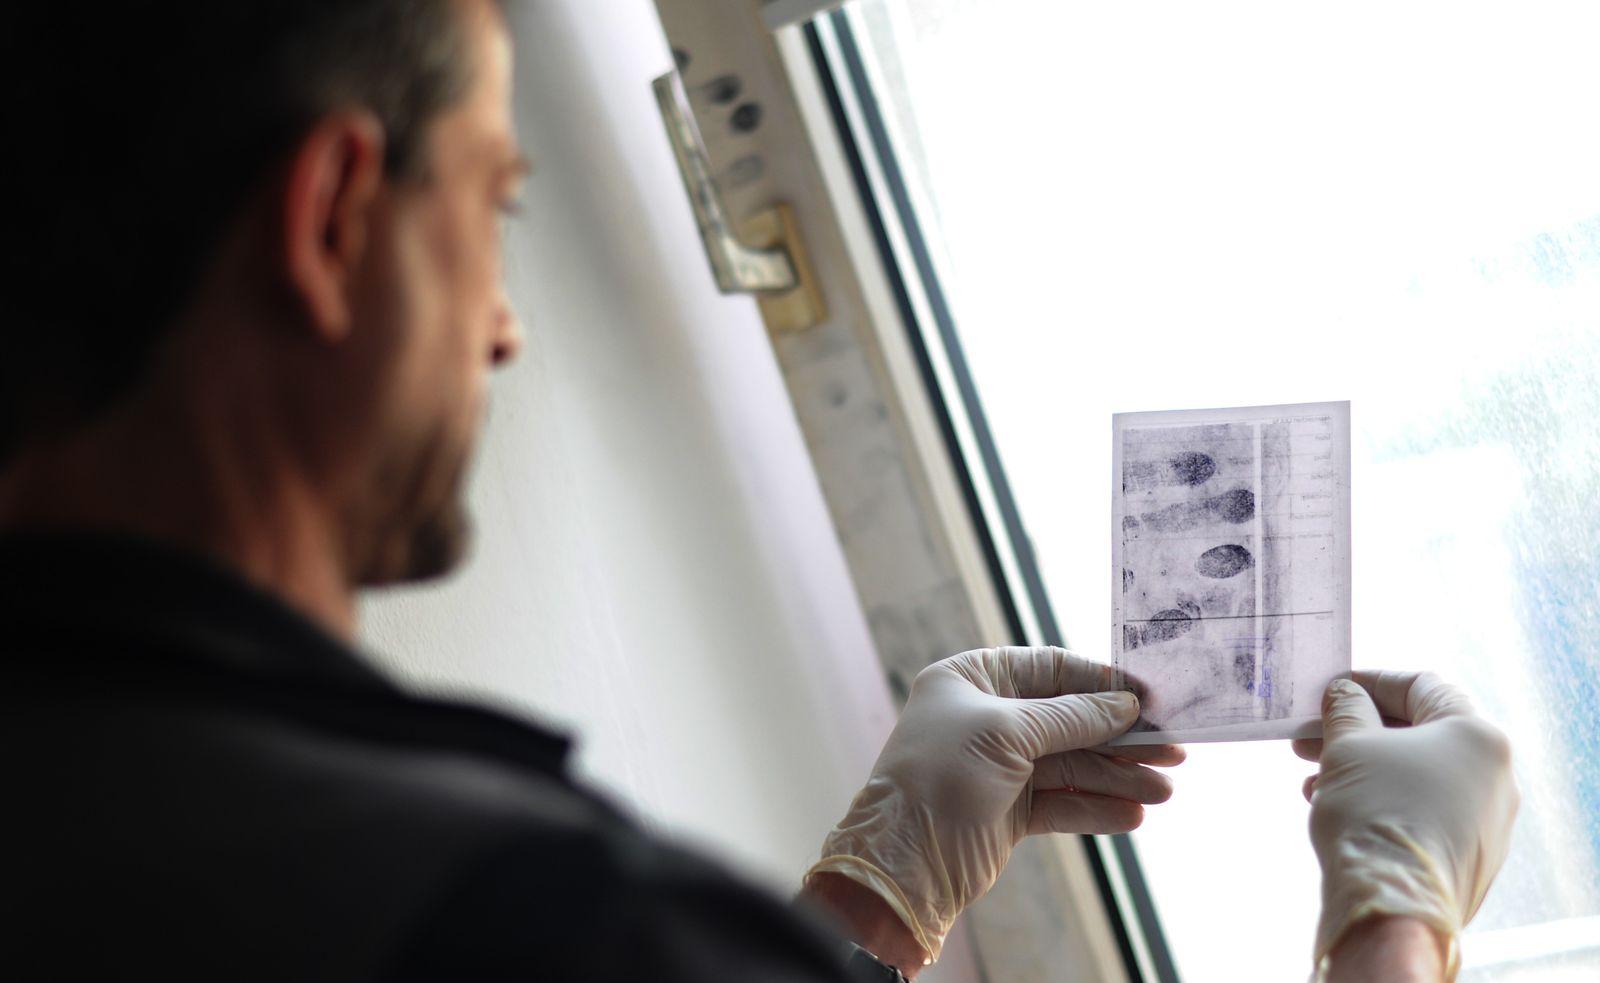 Wohnungseinbrüche - Spurensicherung Polizei Hannover